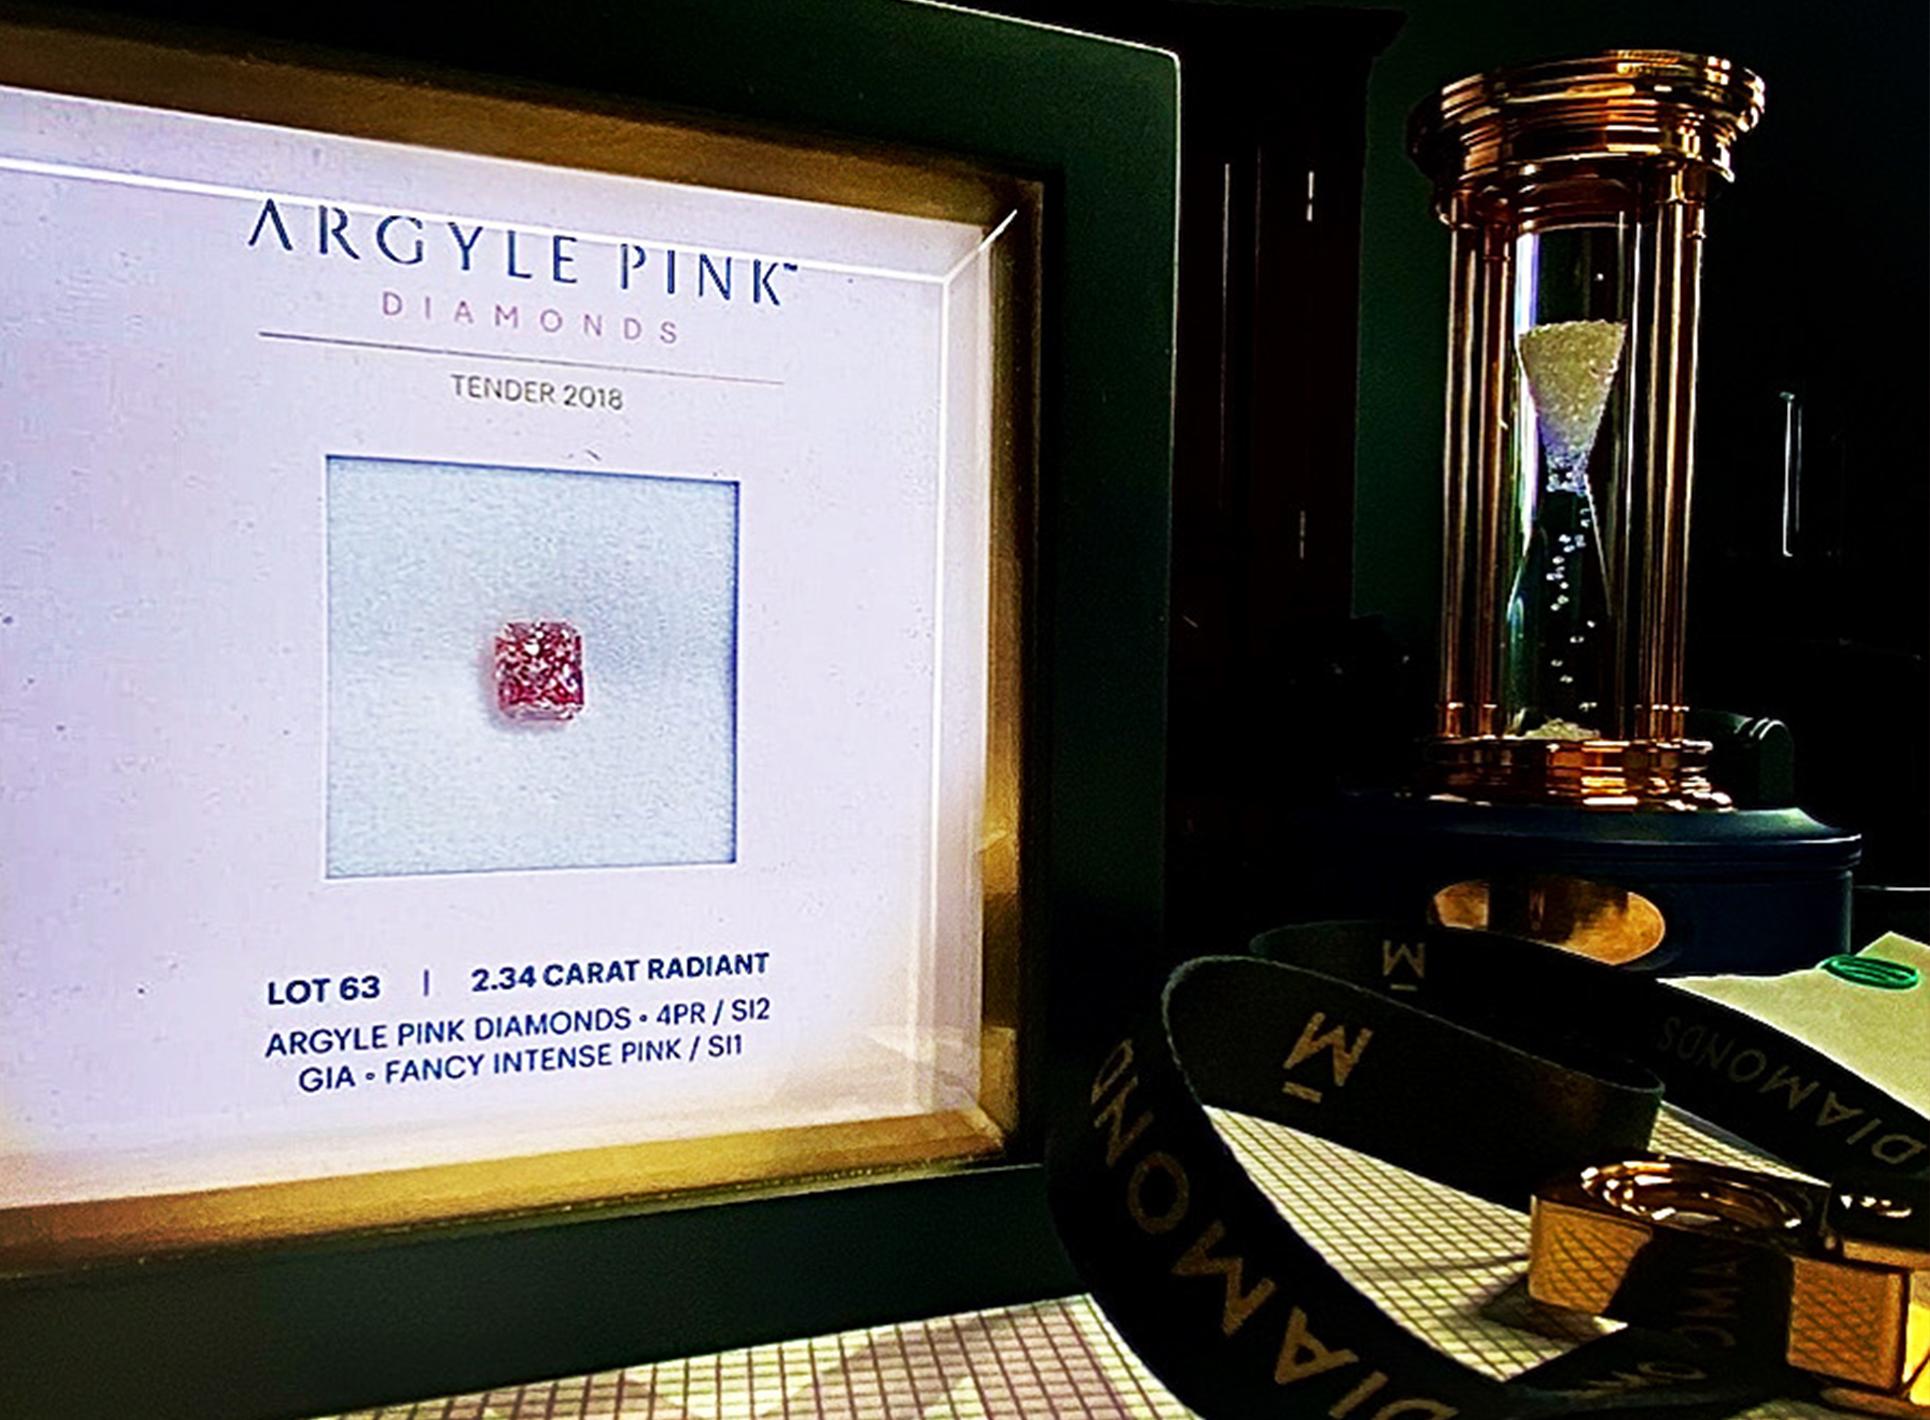 Różowy diament z Argyle